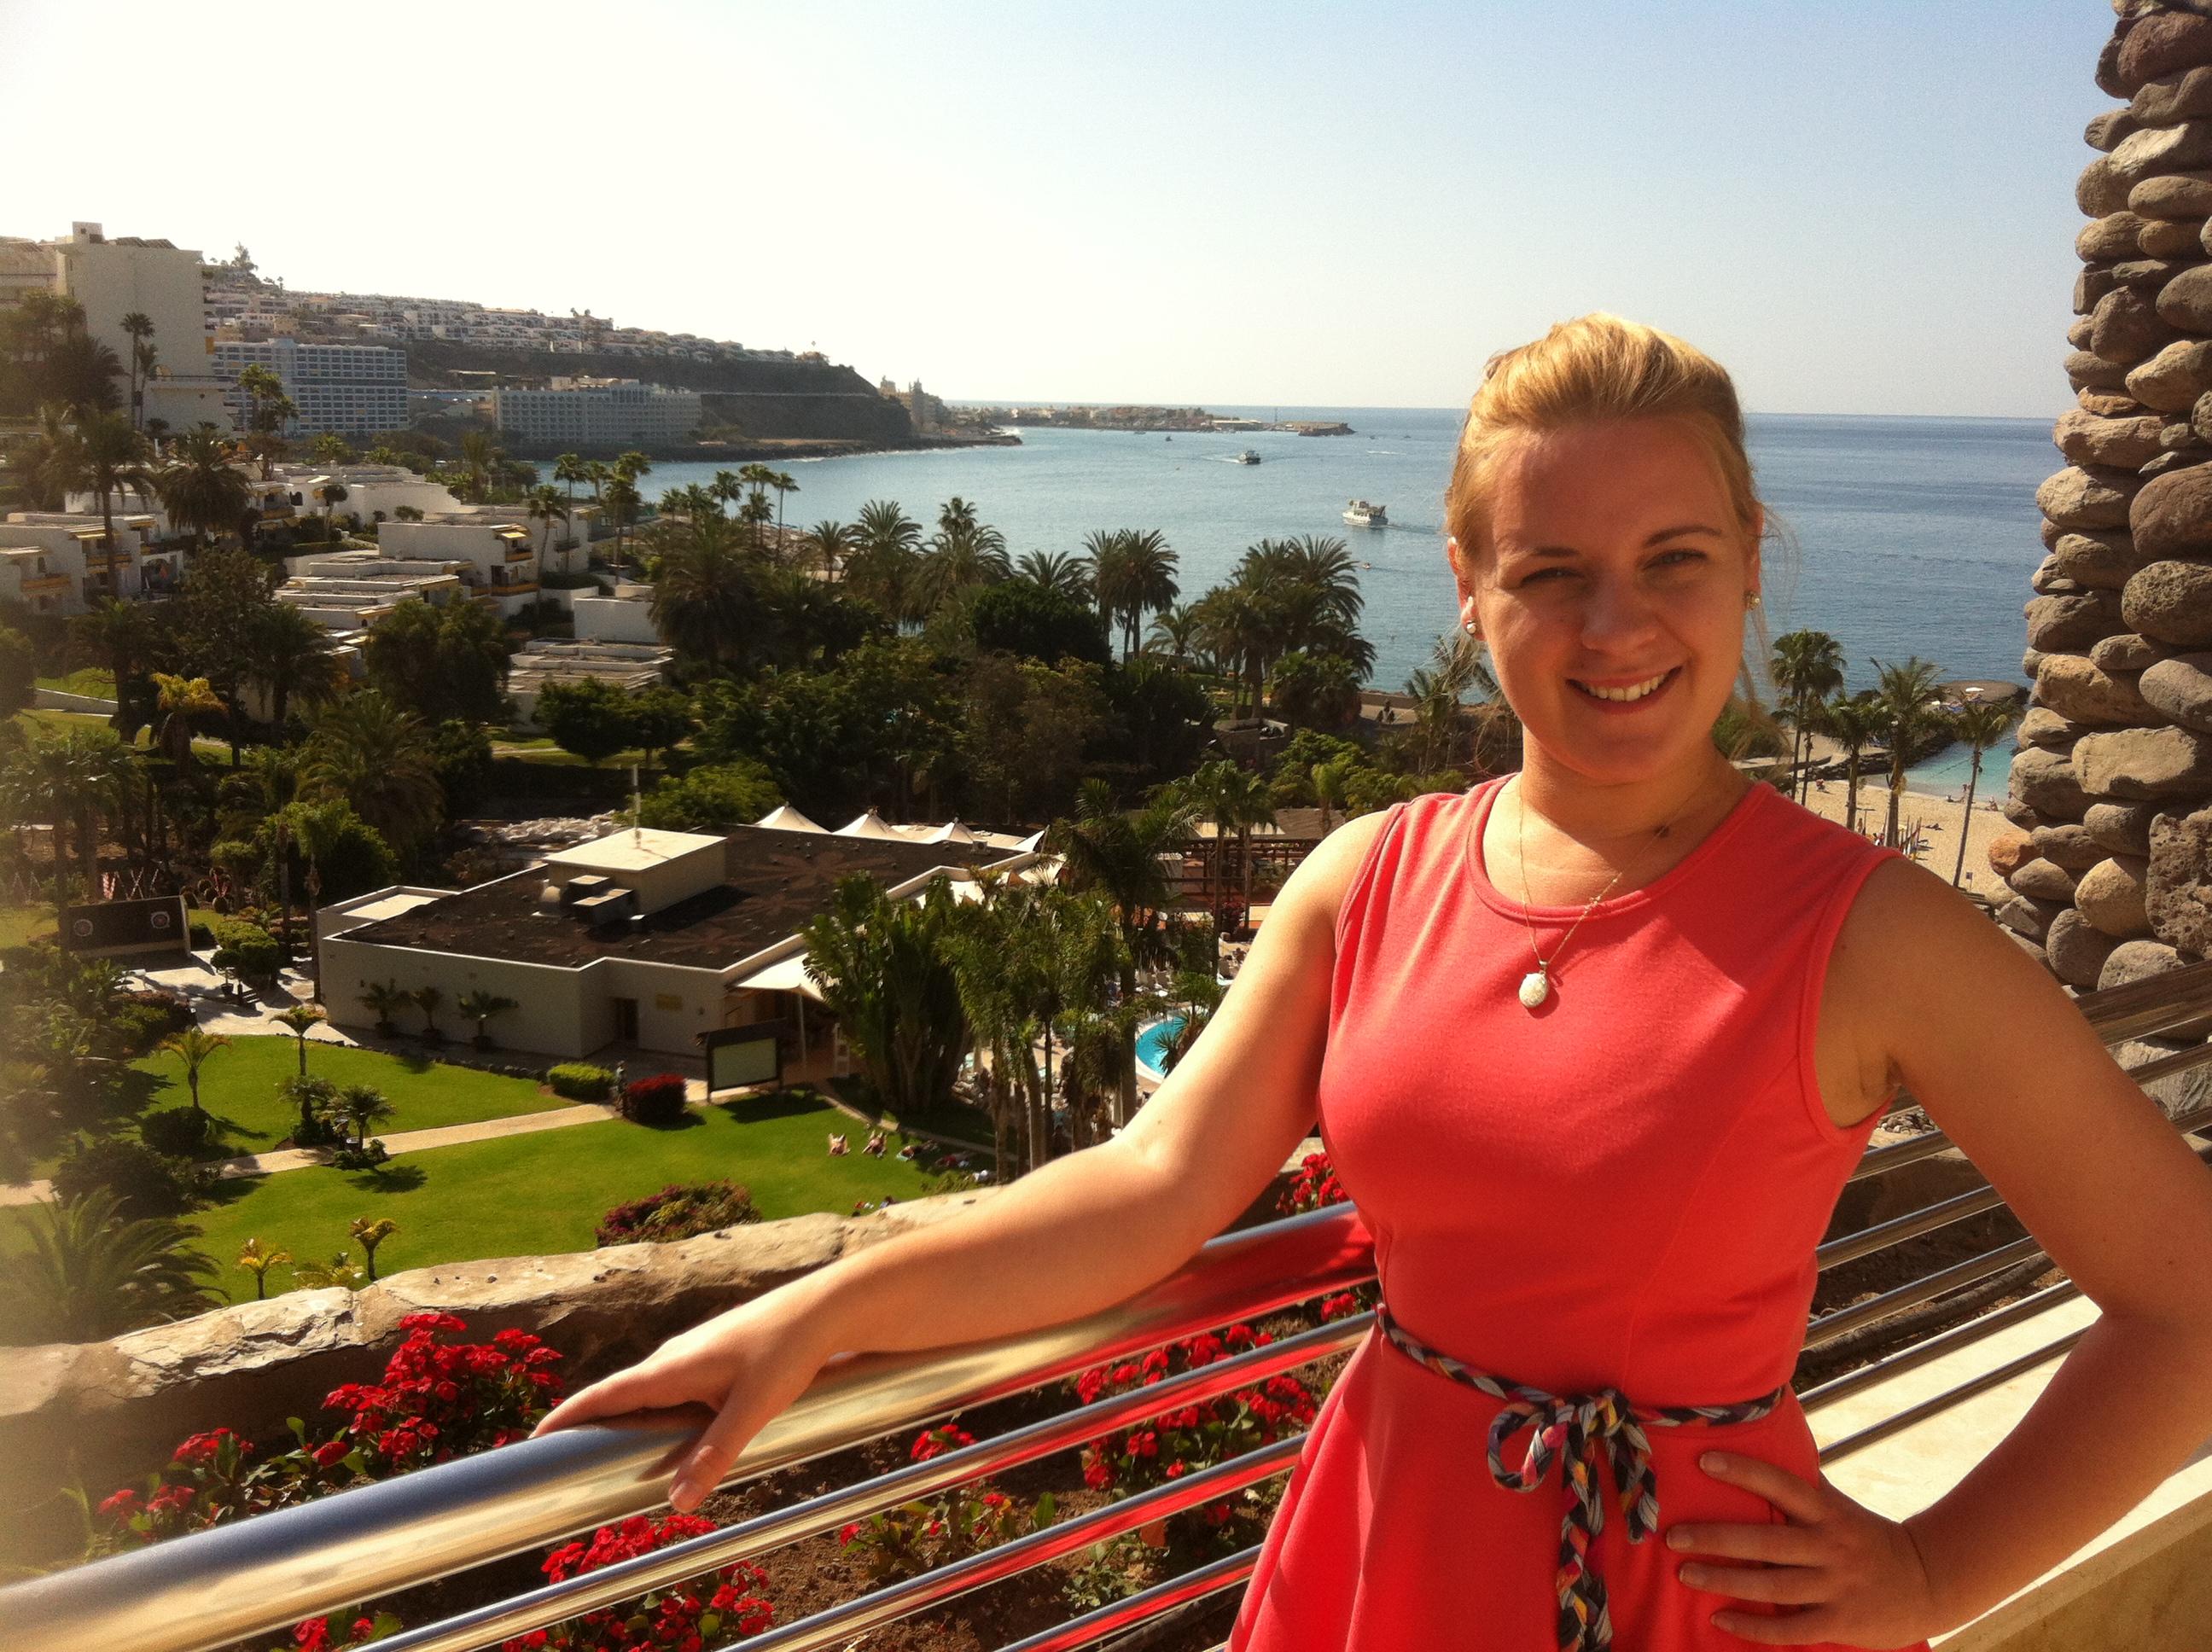 Me in Gran Canaria